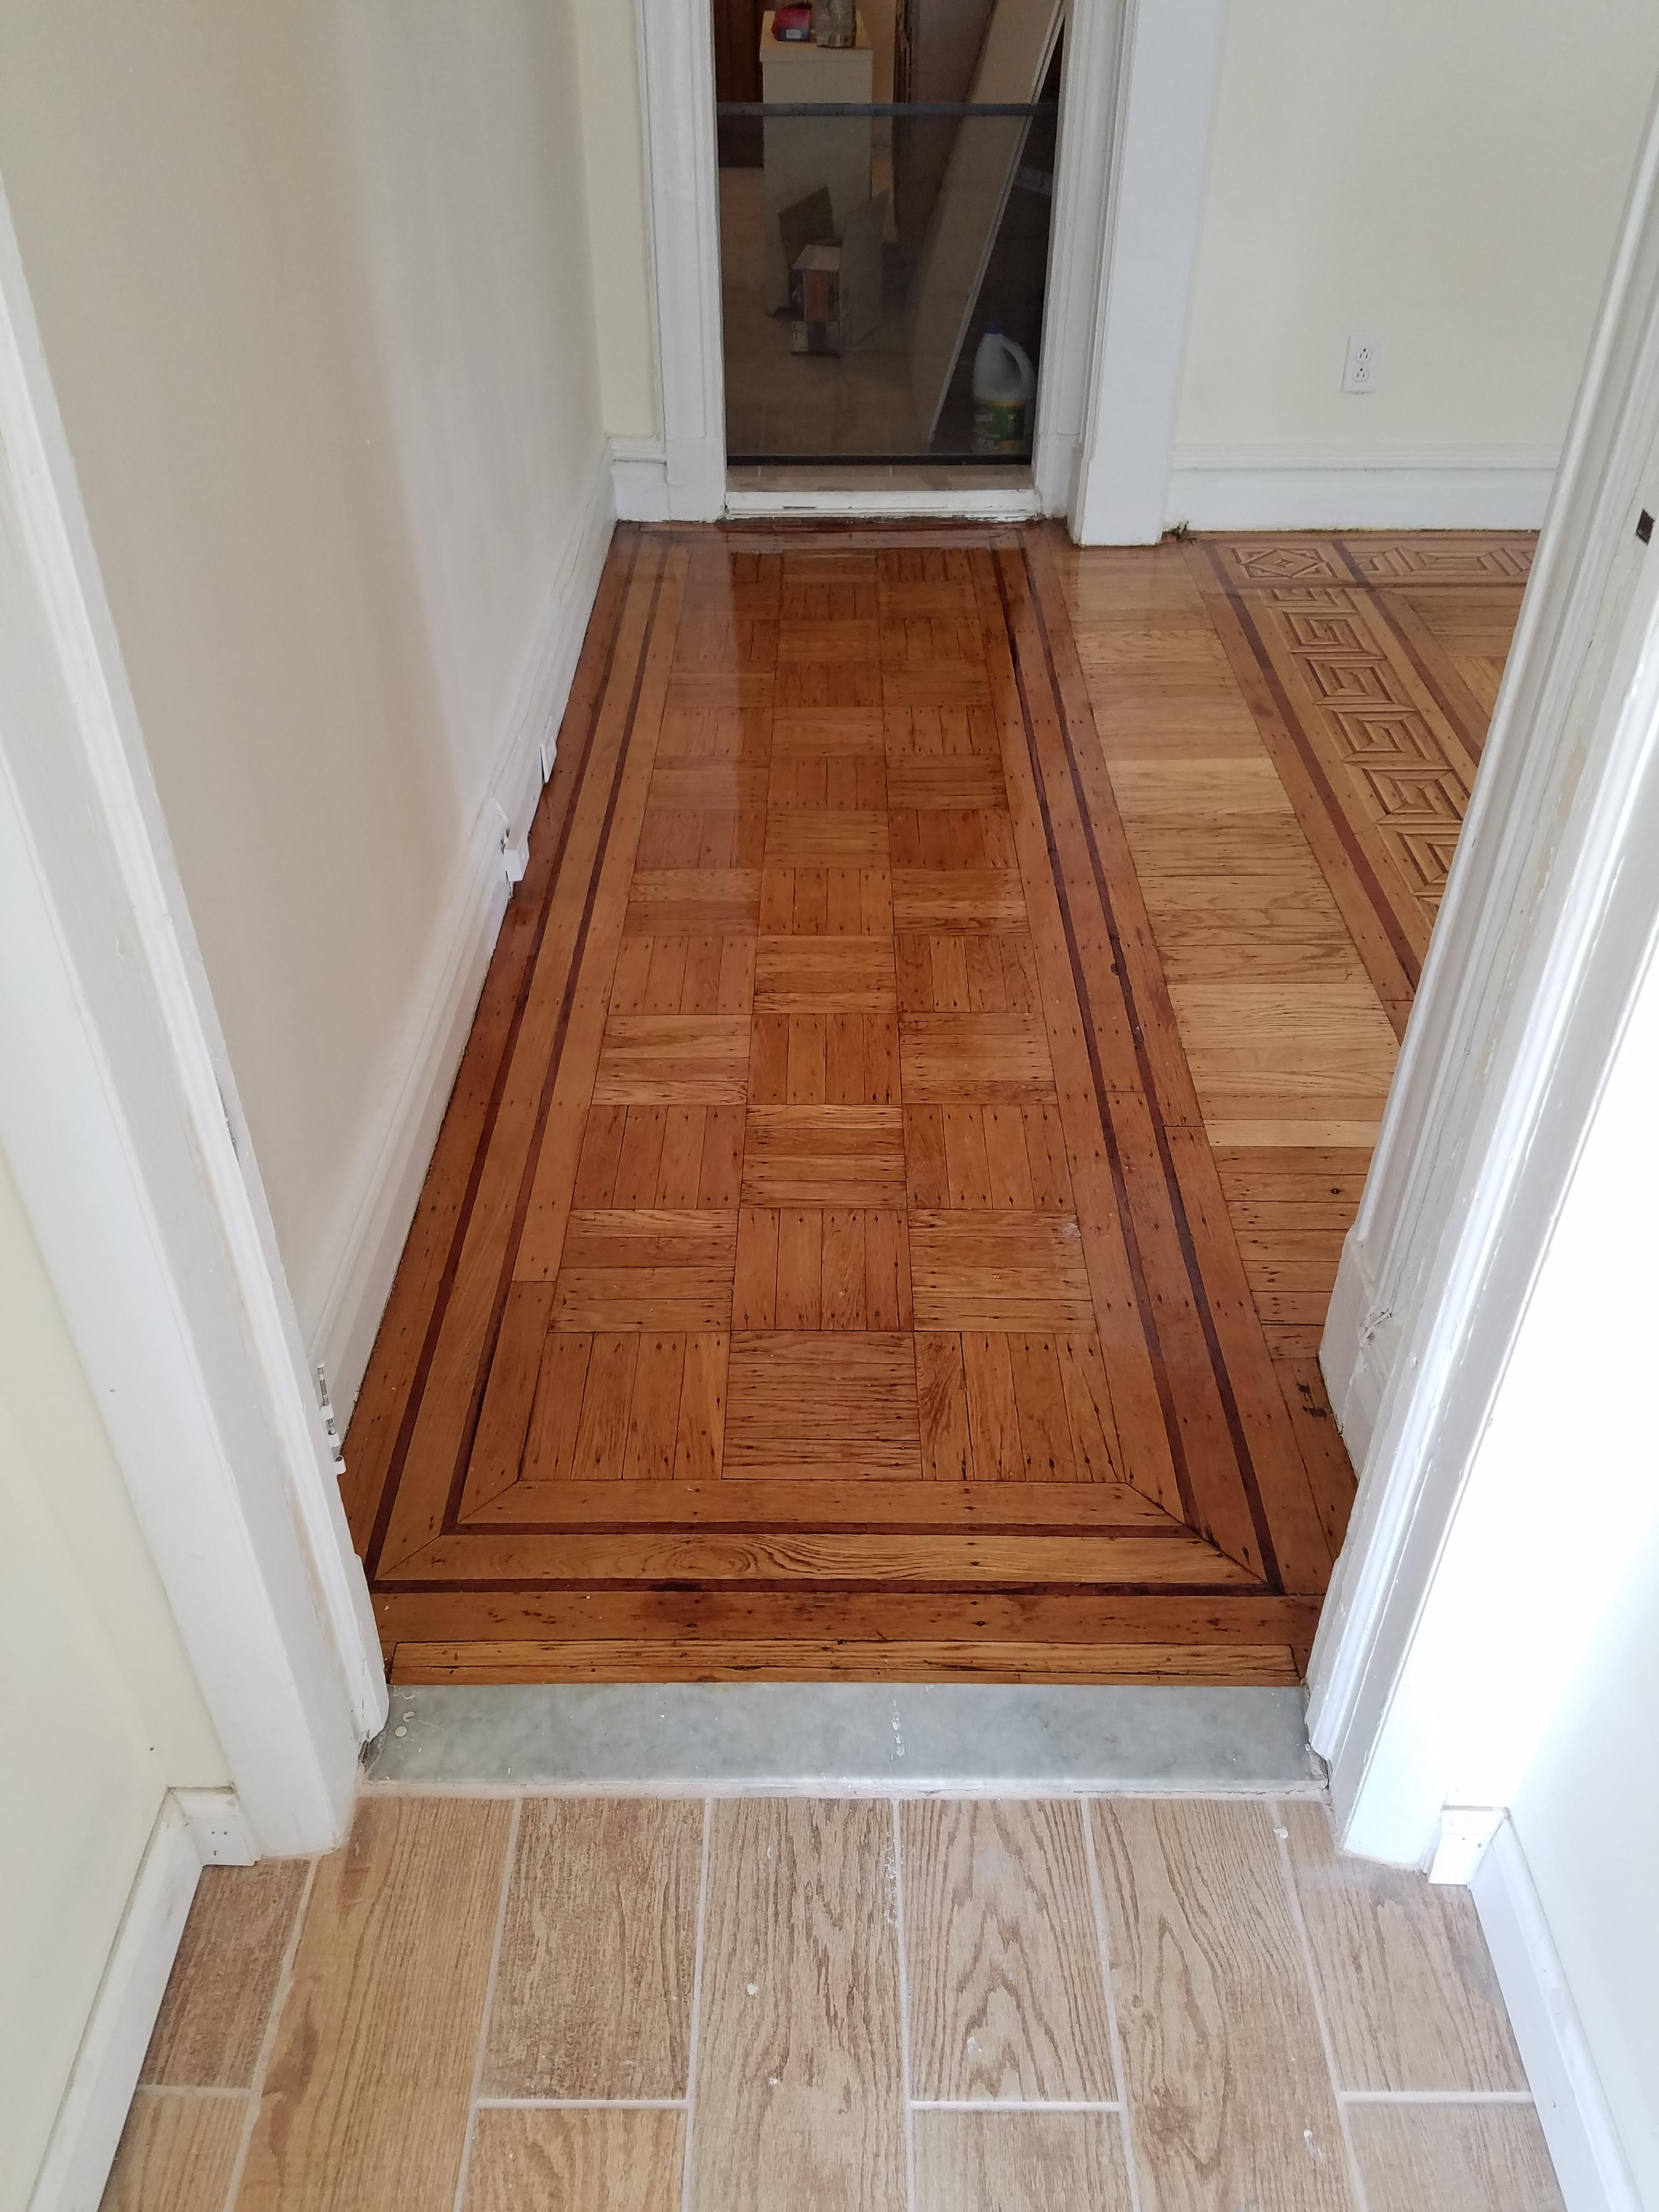 fir floors silver stain hardwood wood lake rustic floor red northwest